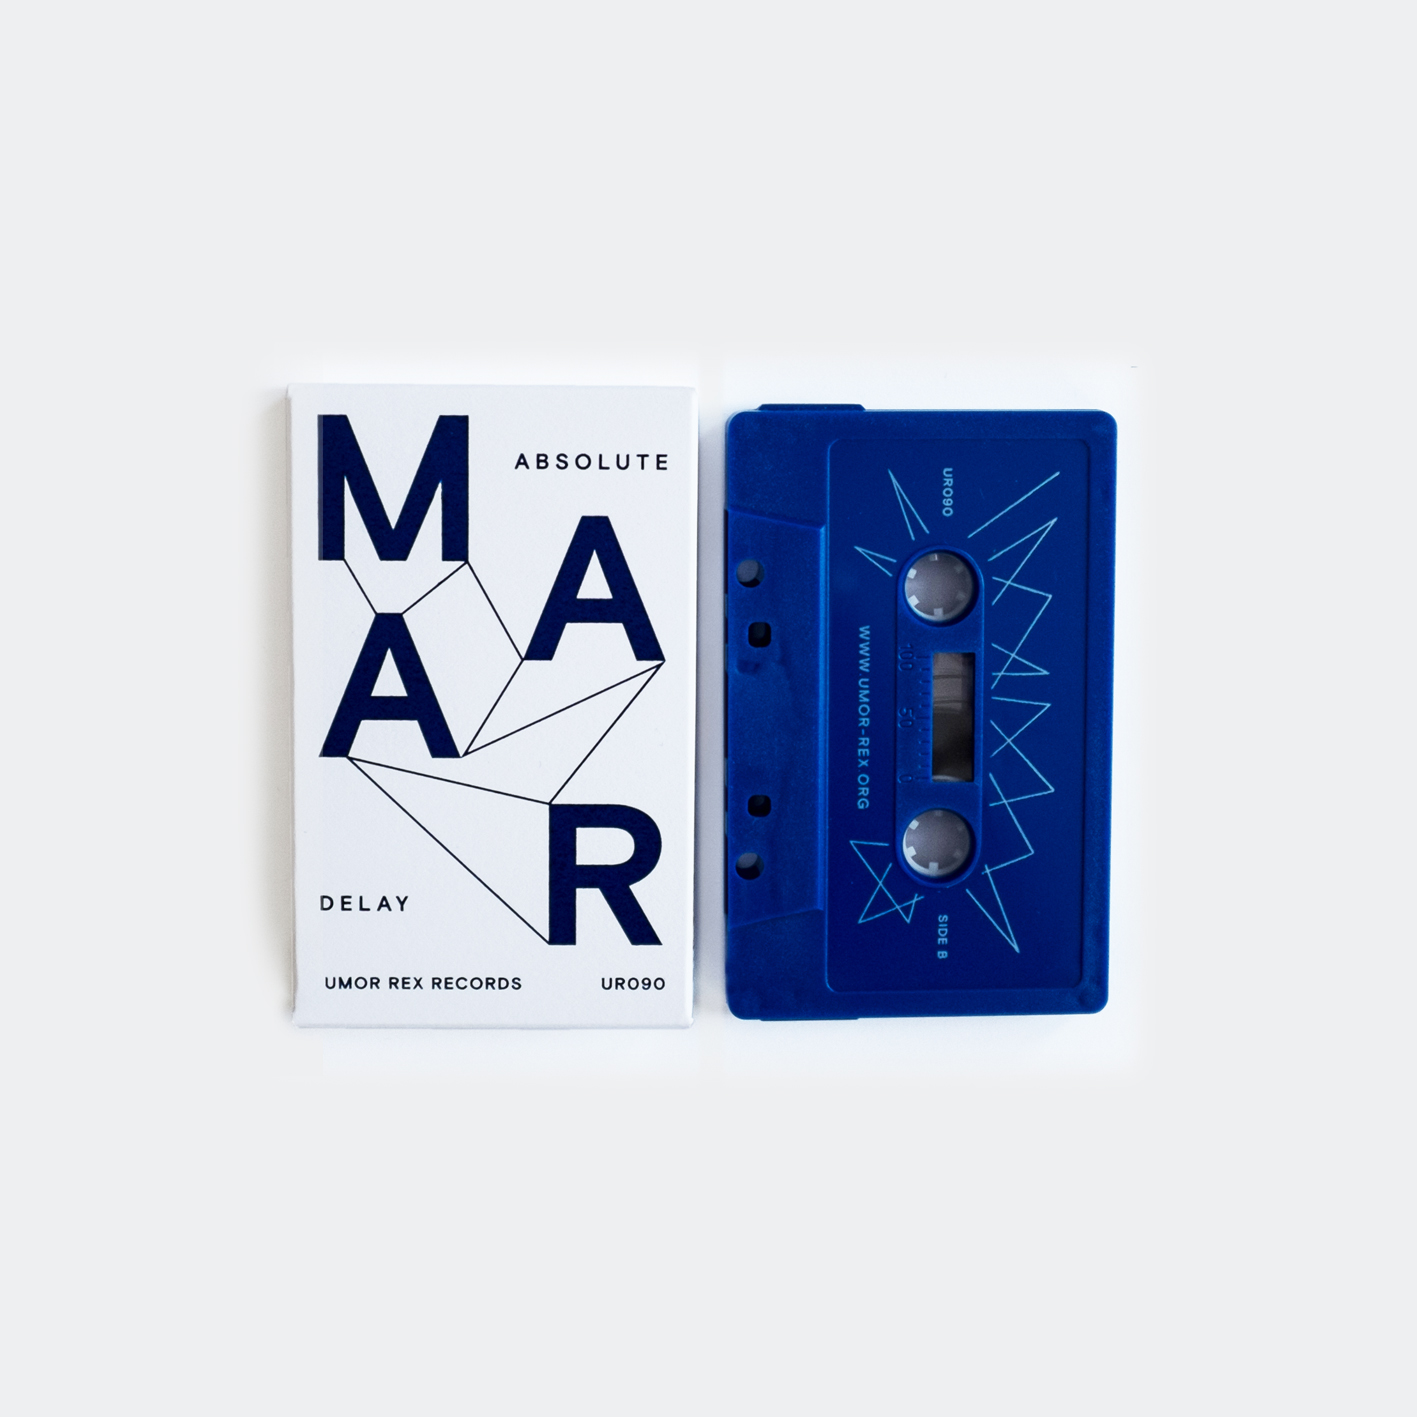 UR090_2_Cassette_Maar_Absolute_Delay_Umor_Rex_1417px